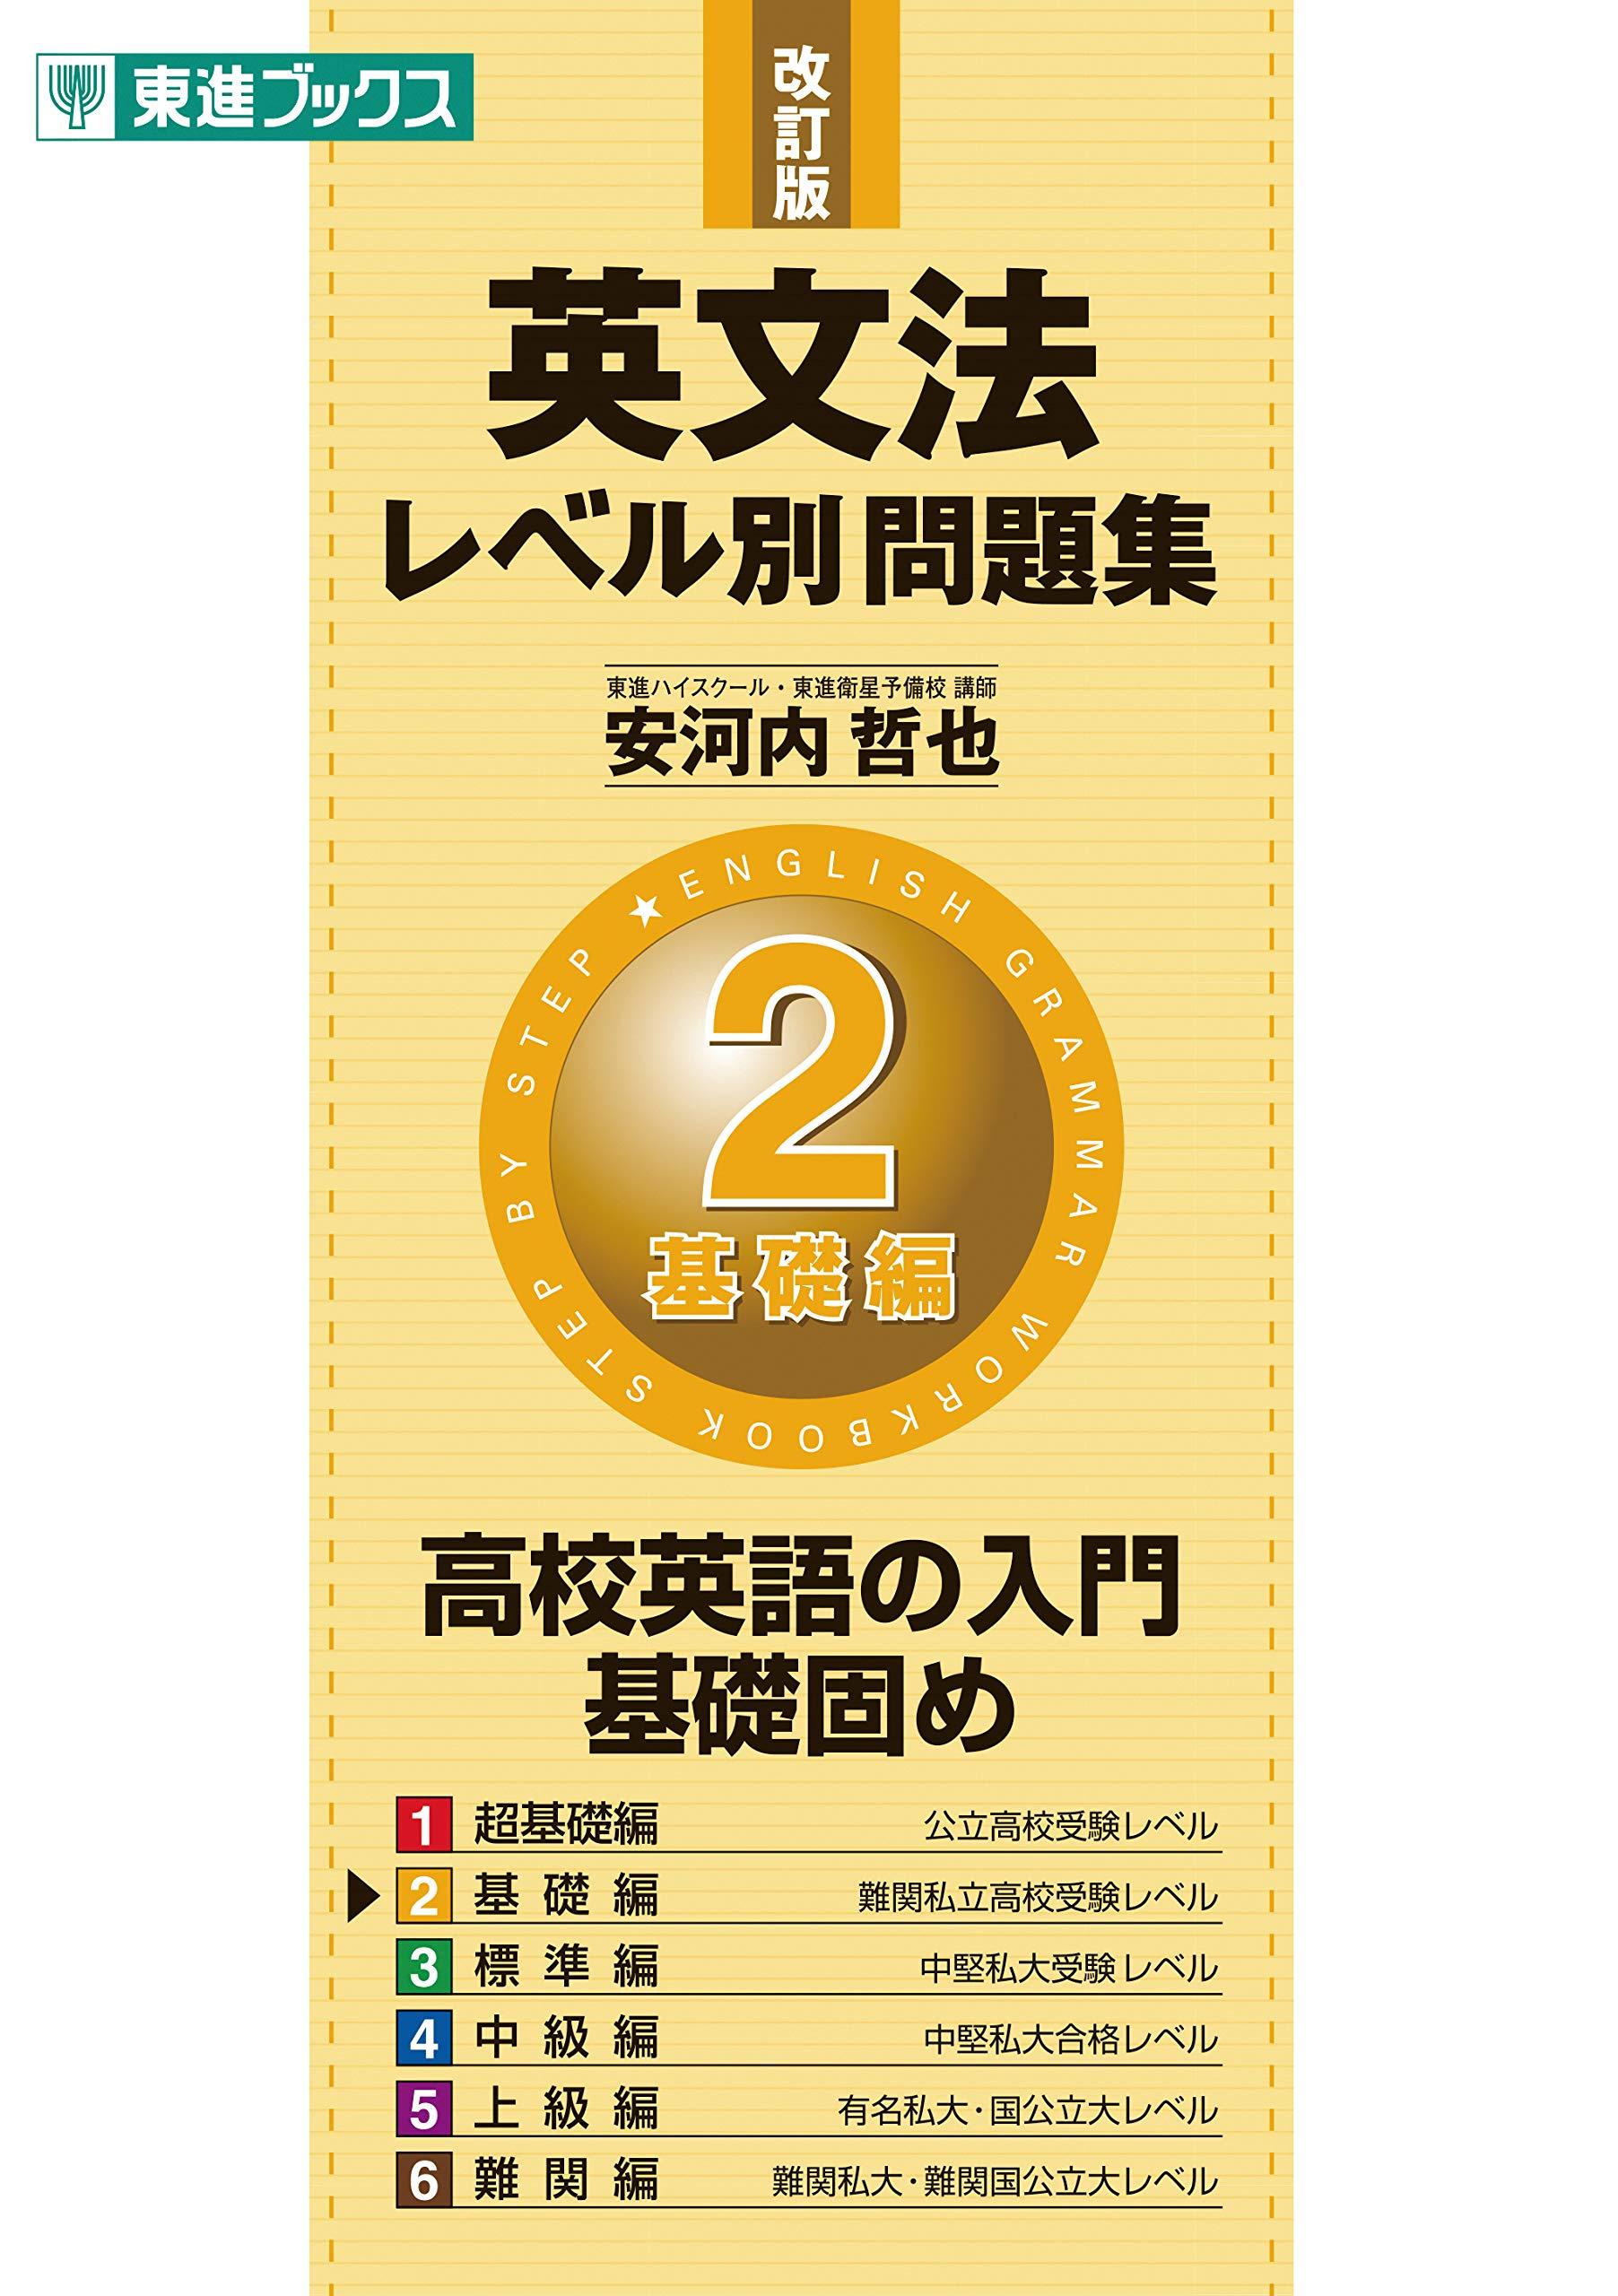 英文法のおすすめ参考書・問題集『英文法レベル別問題集 2 基礎編』